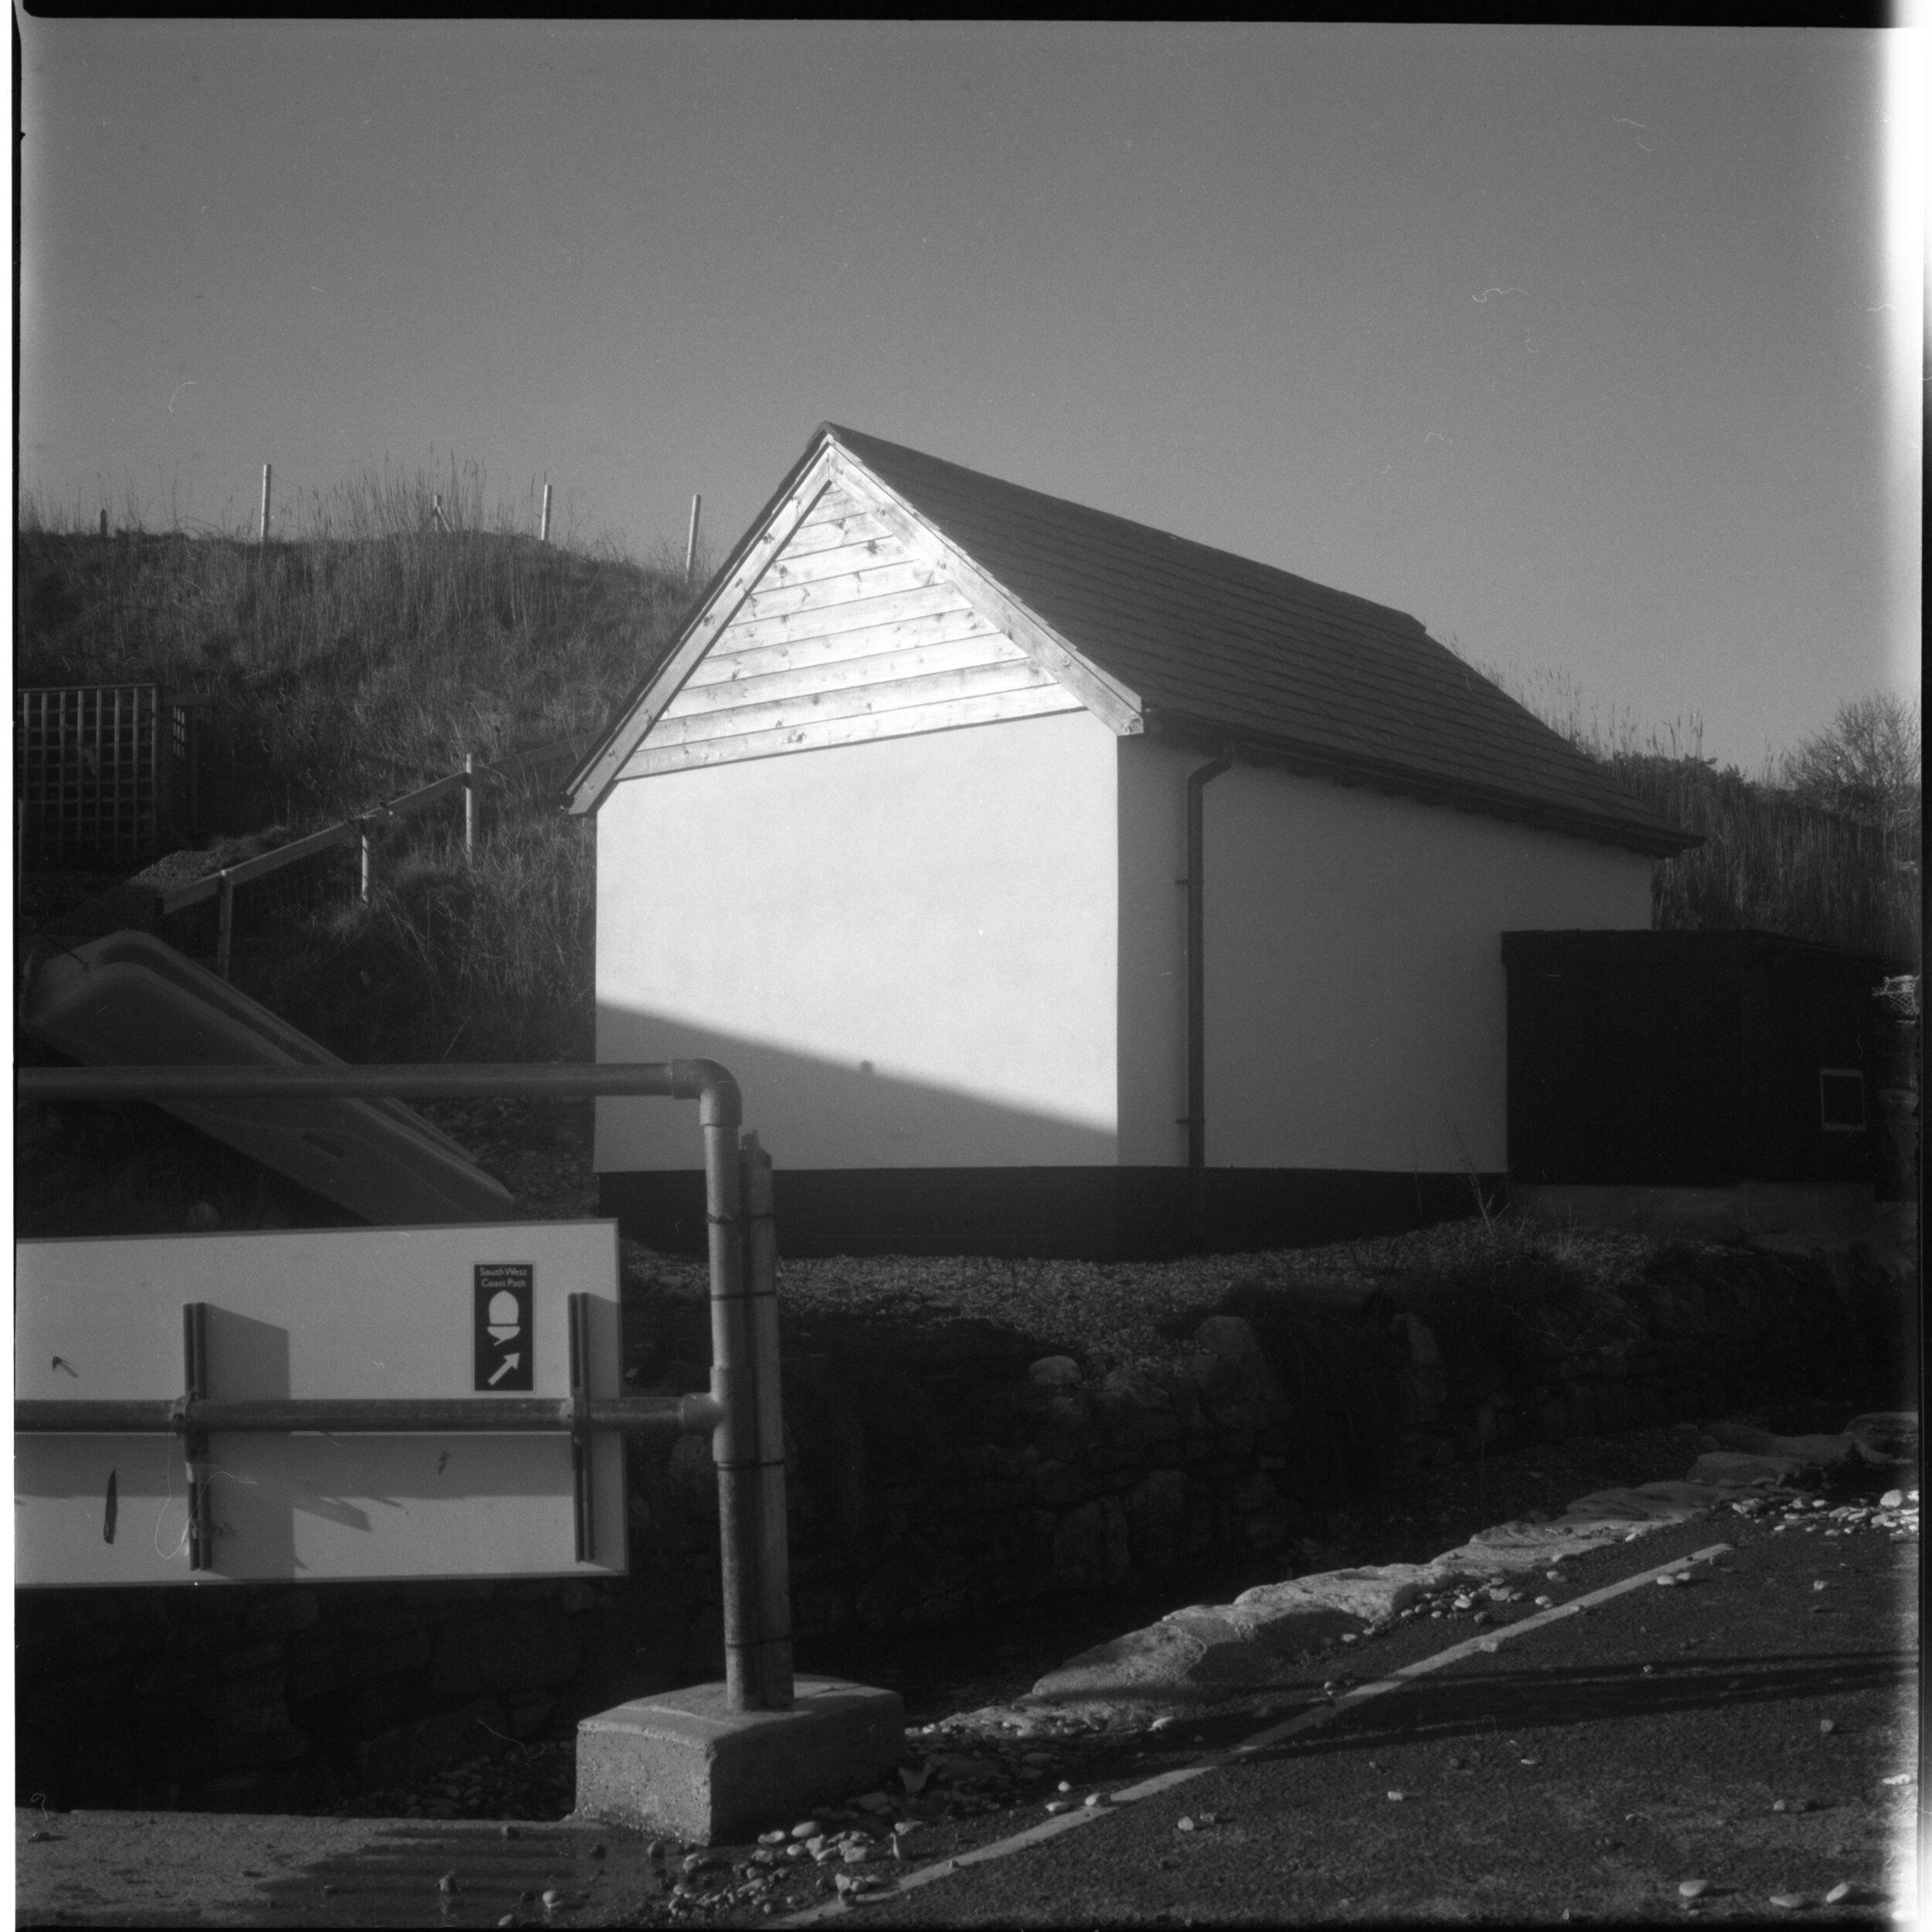 Dorset Cabin BW011.jpg